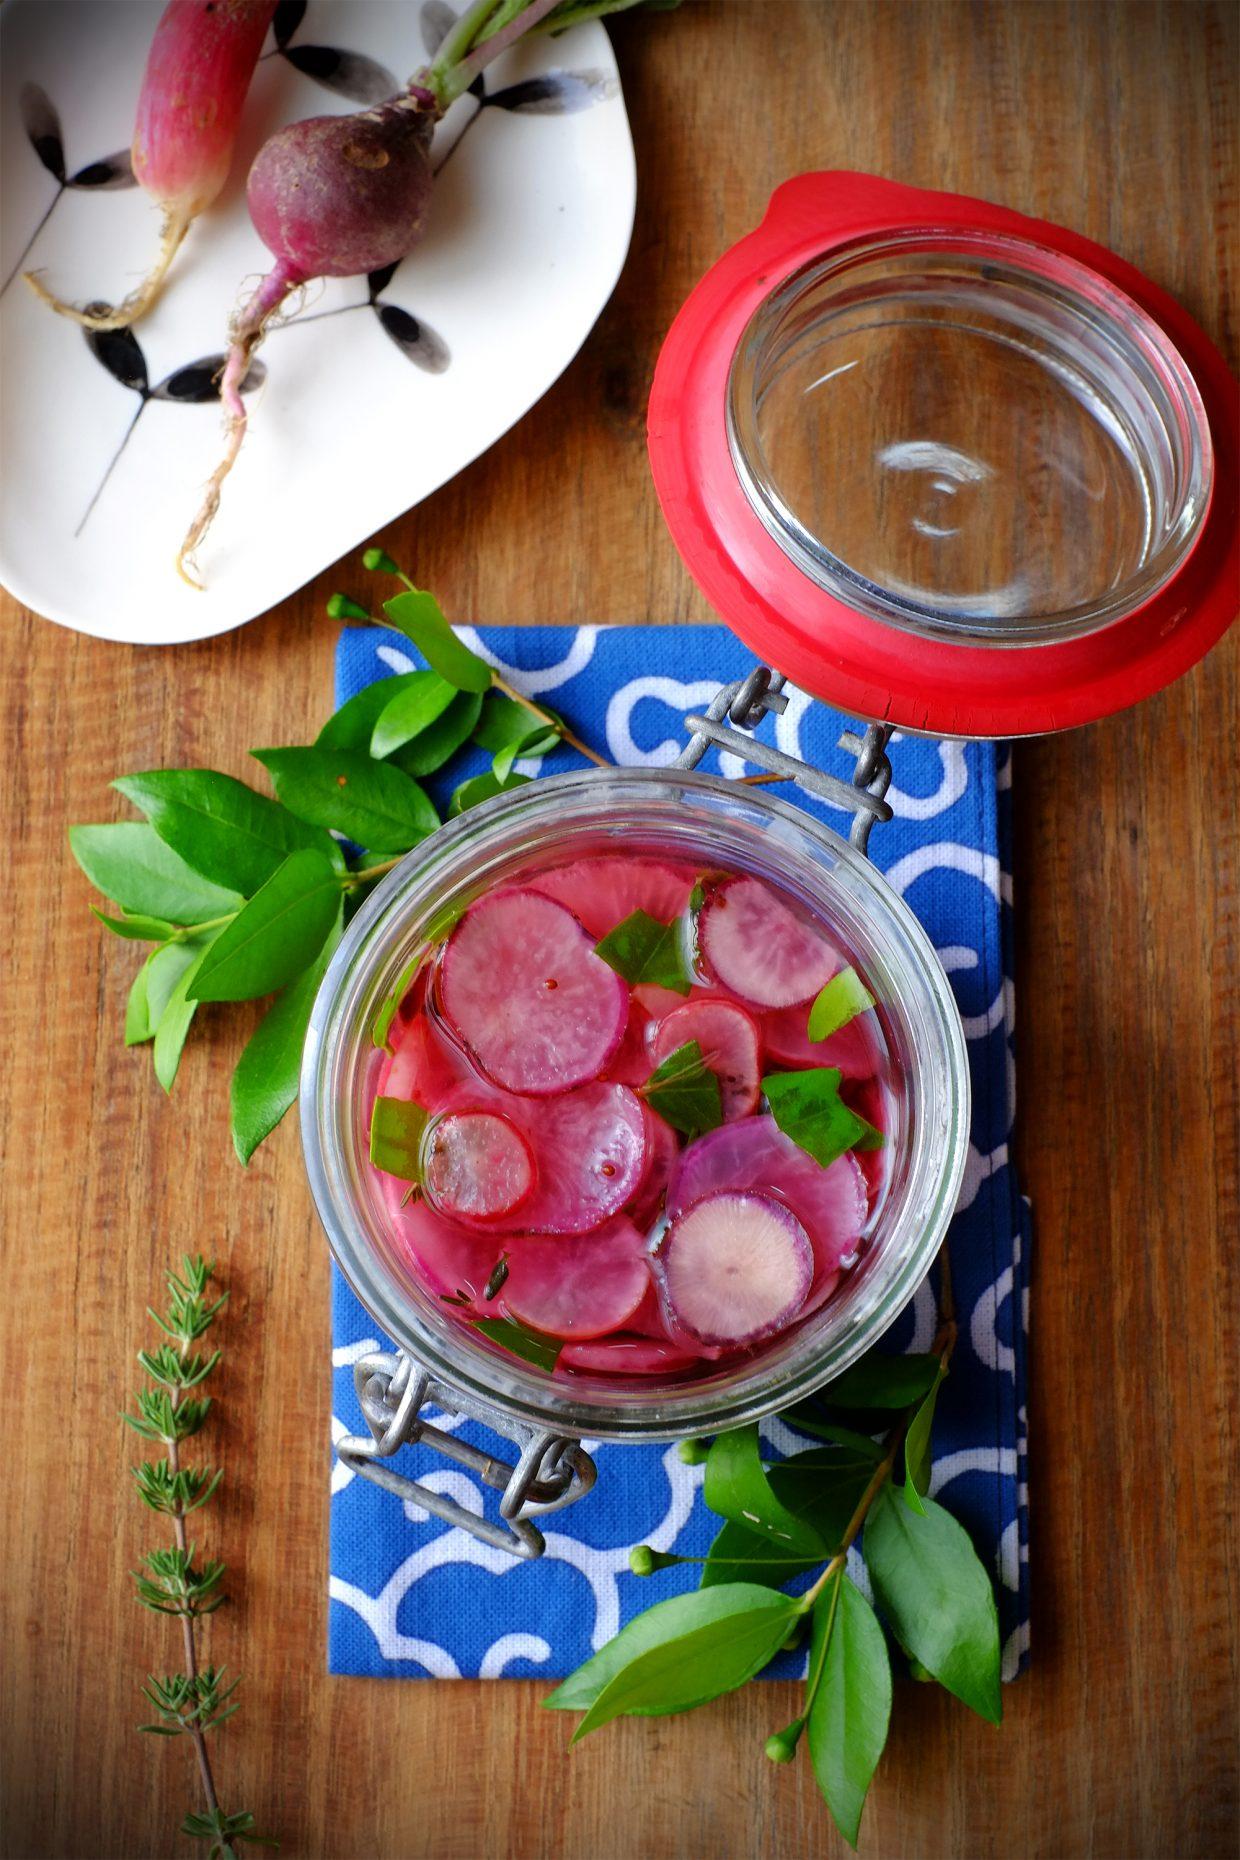 Insalatini di ravanelli con foglie di mirto e timo 3